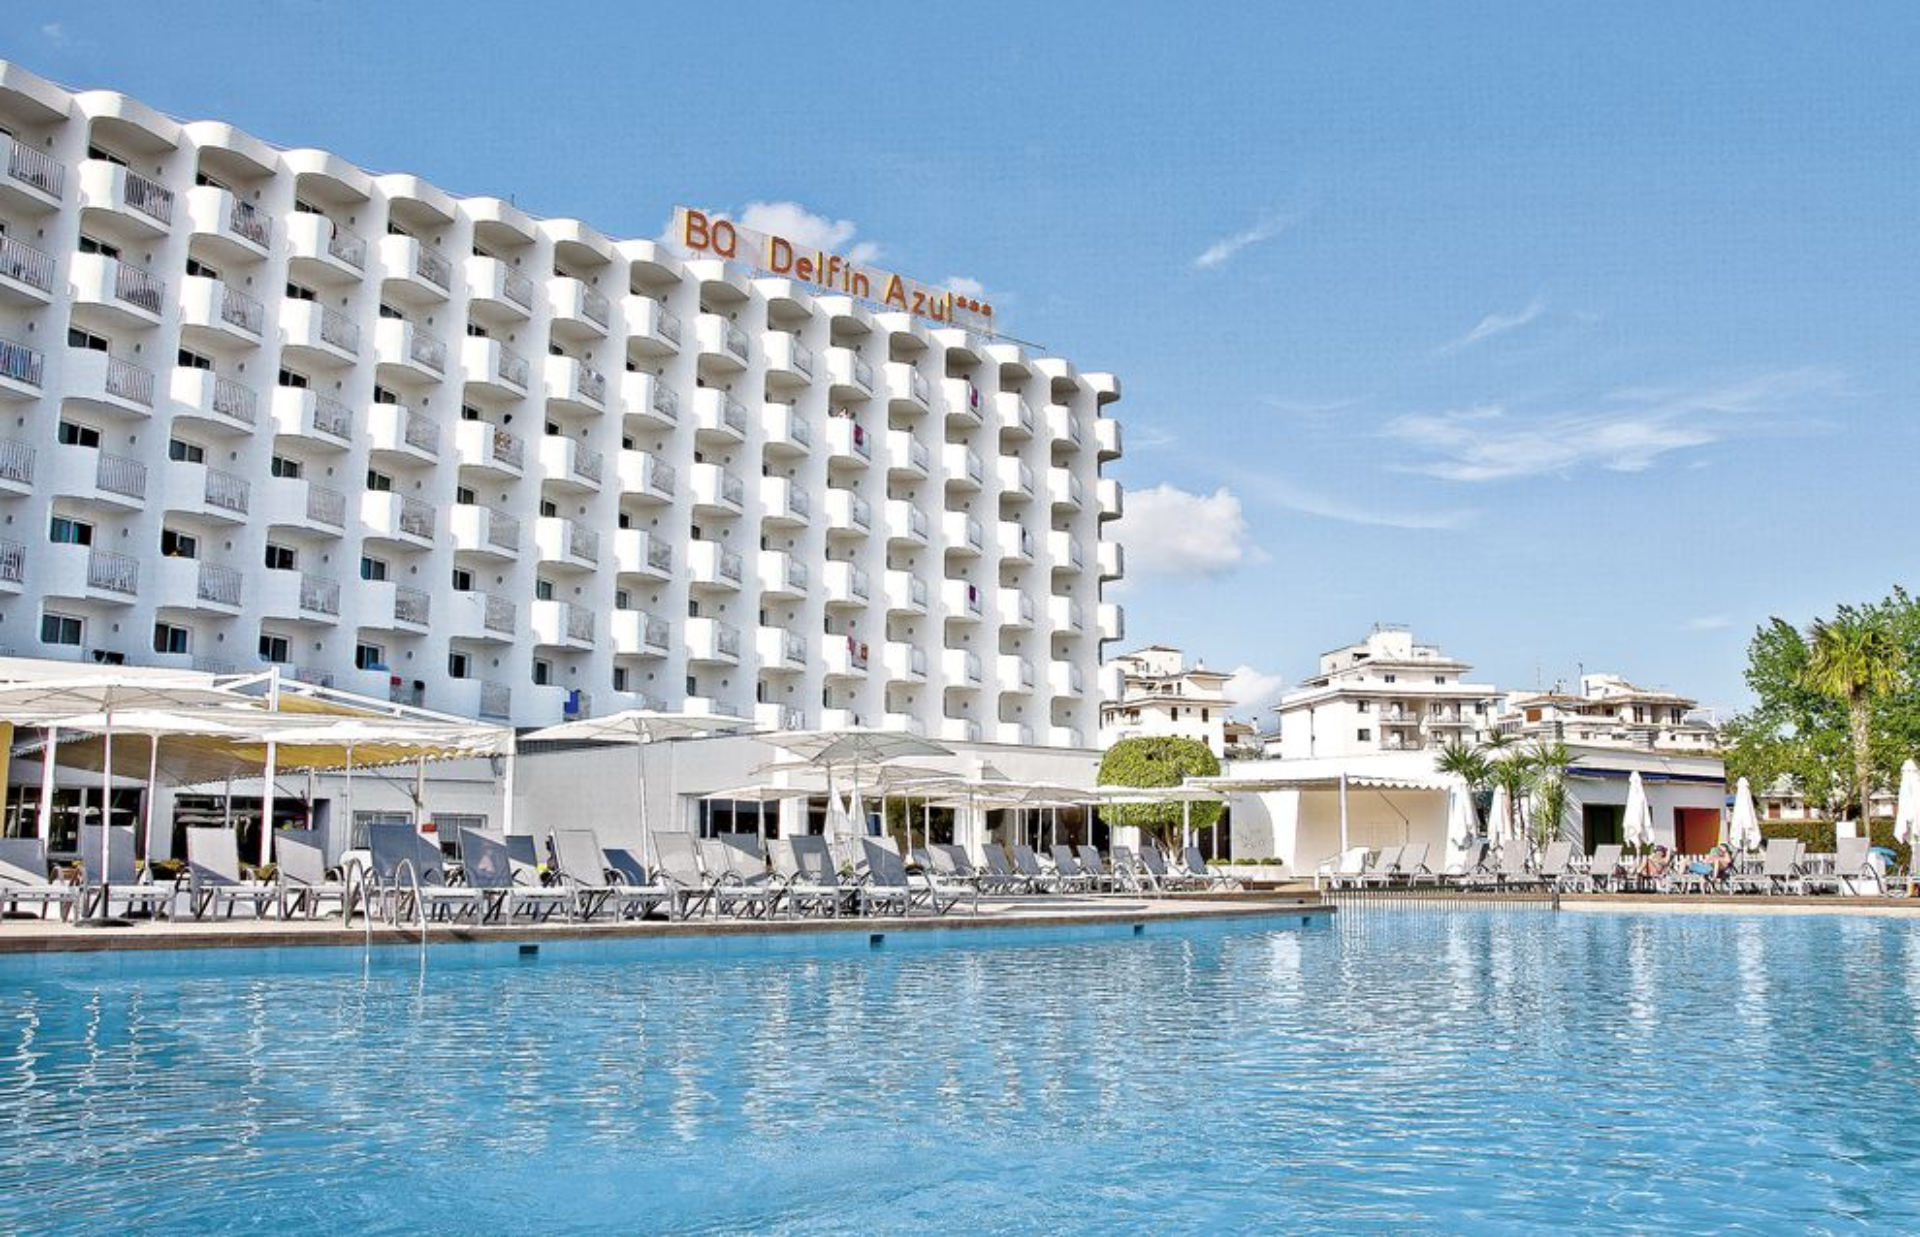 Herzlich Willkommen in Ihrem 4-Sterne Hotel BQ Delfin Azul